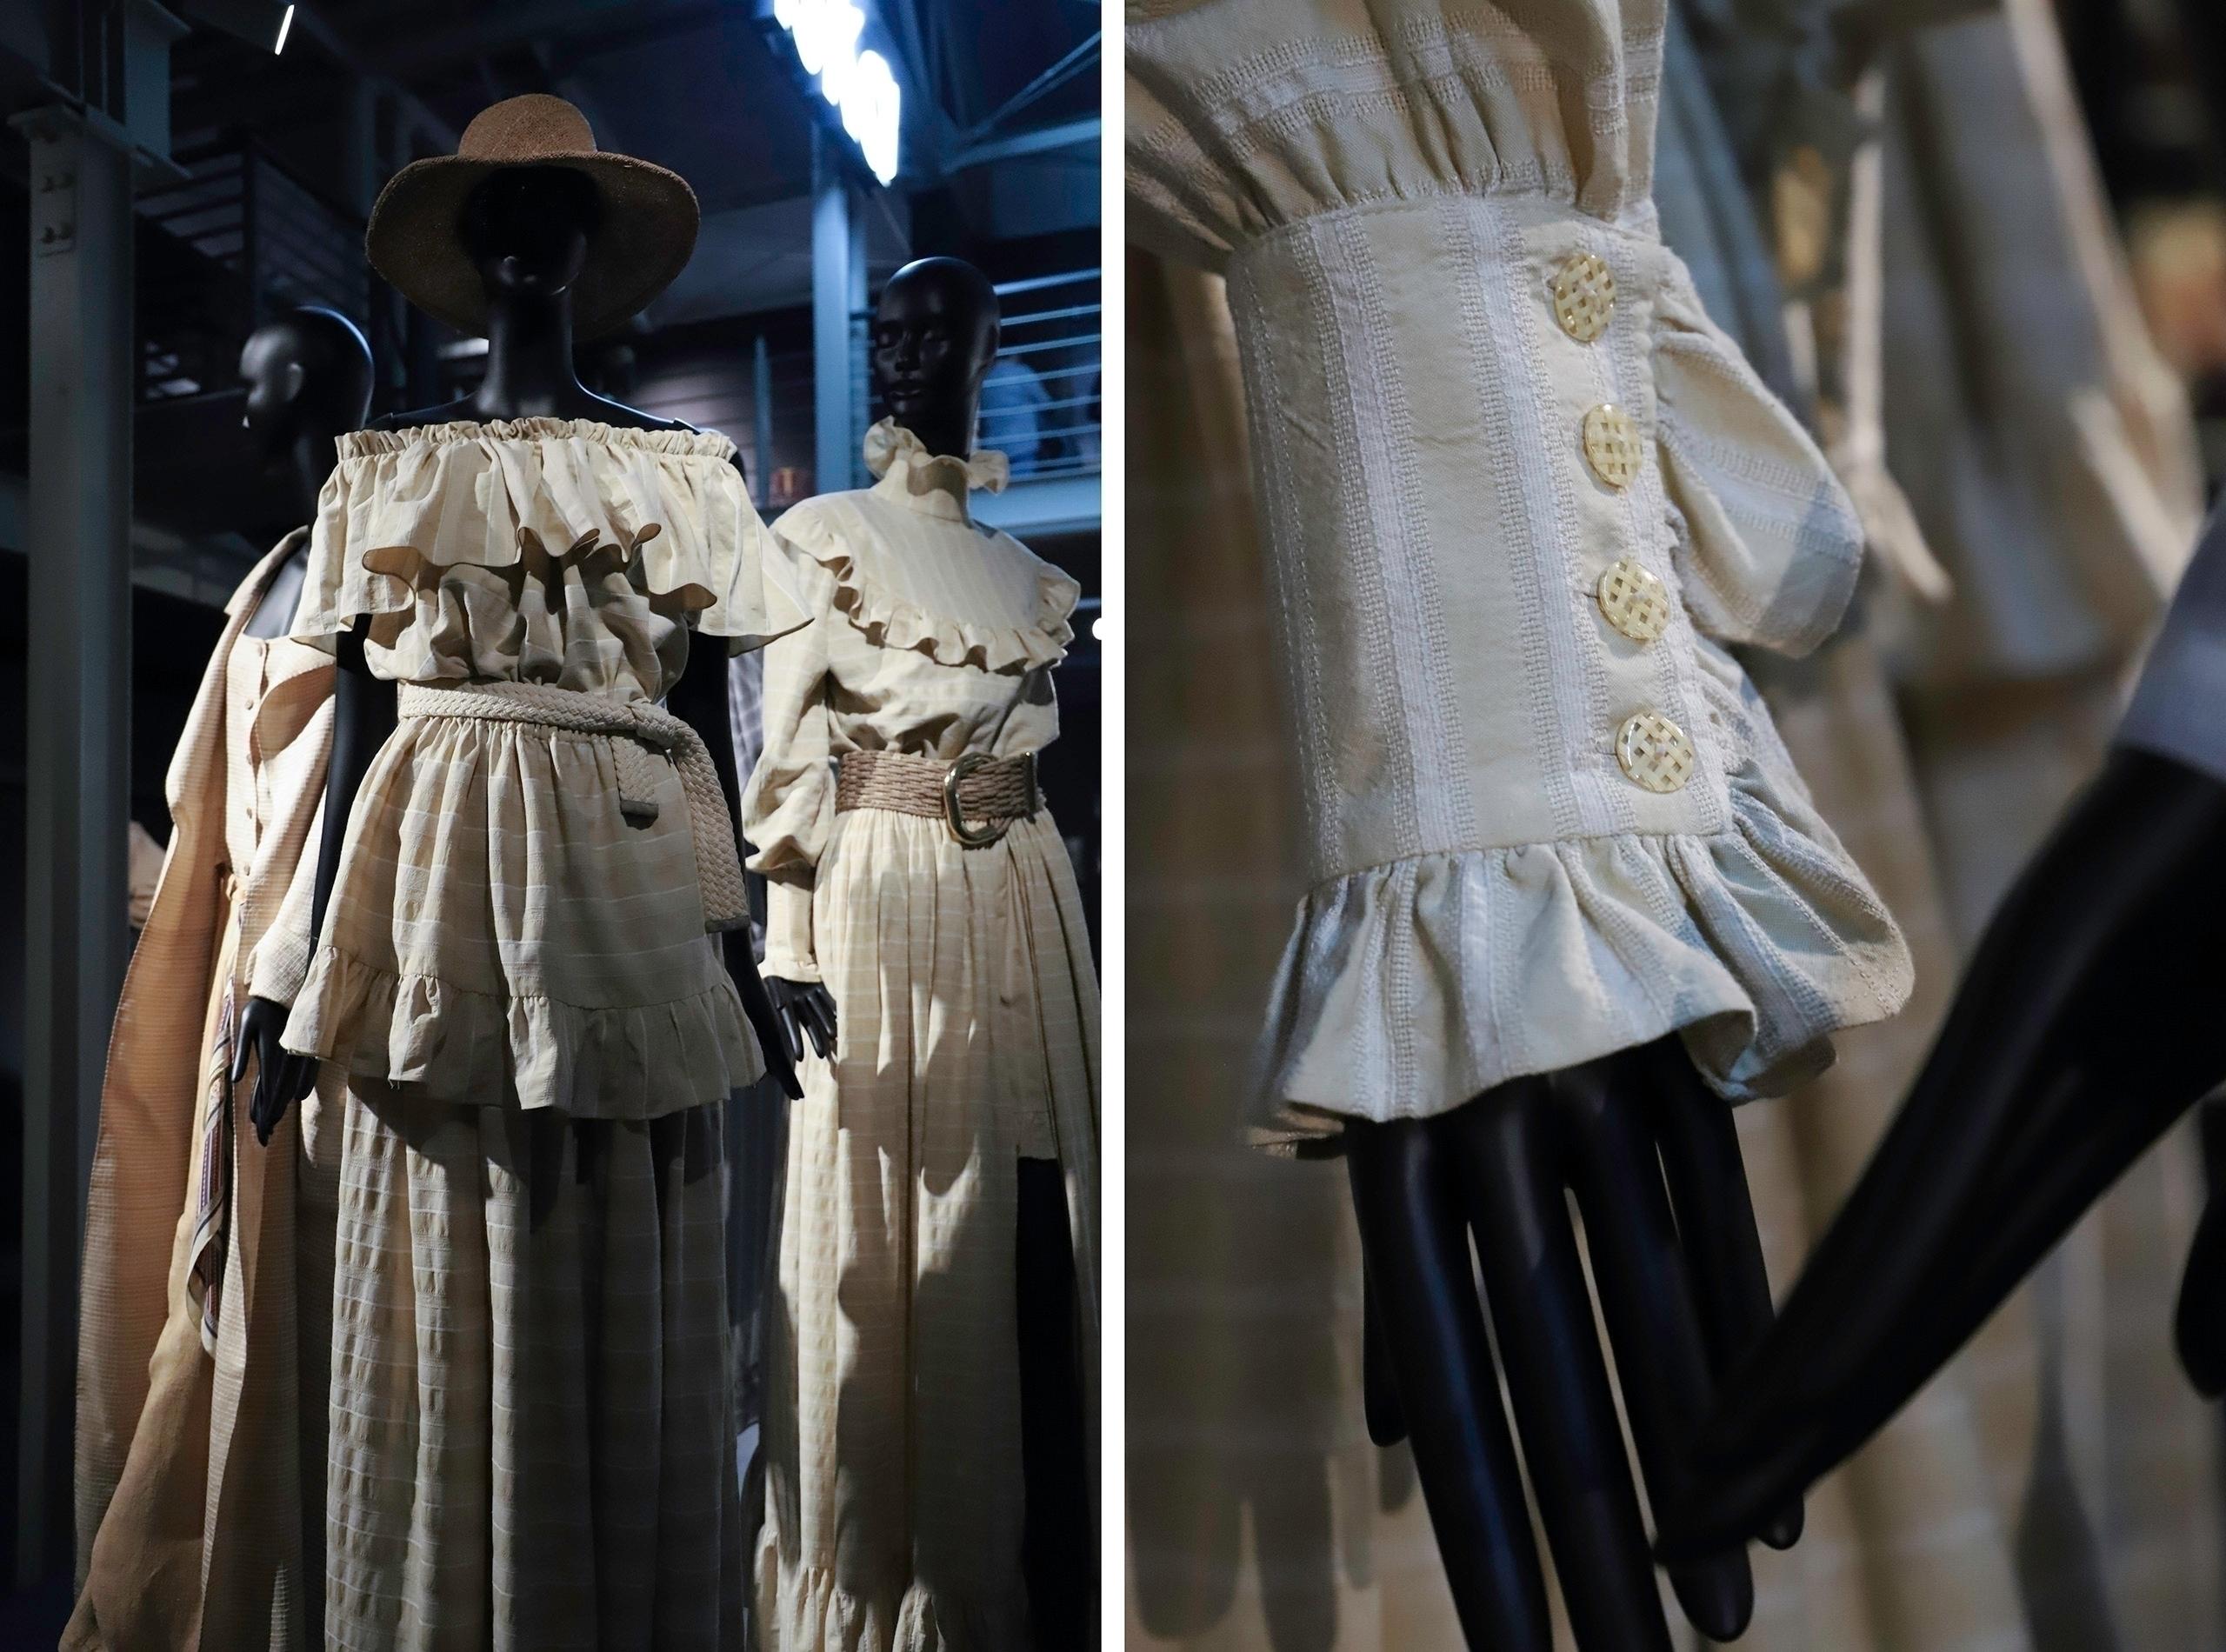 Obraz przedstawia dwa zdjęcia. Po lewej widzimy grupę manekinów ubranych w beżowe, lniane stroje, po prawej zbliżenie na detale.